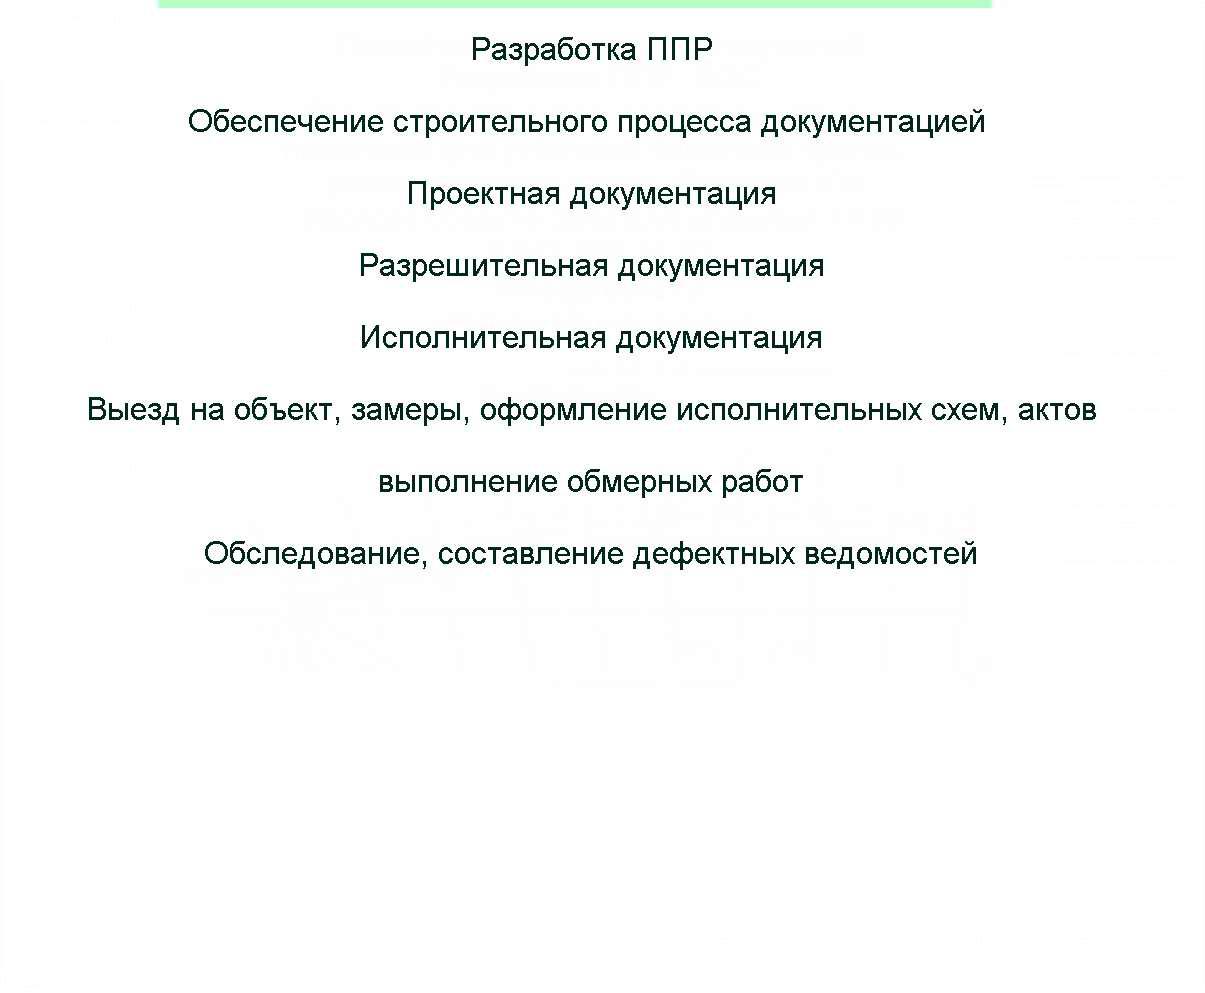 Промежуточный Акт Выполненных Работ в Строительстве образец